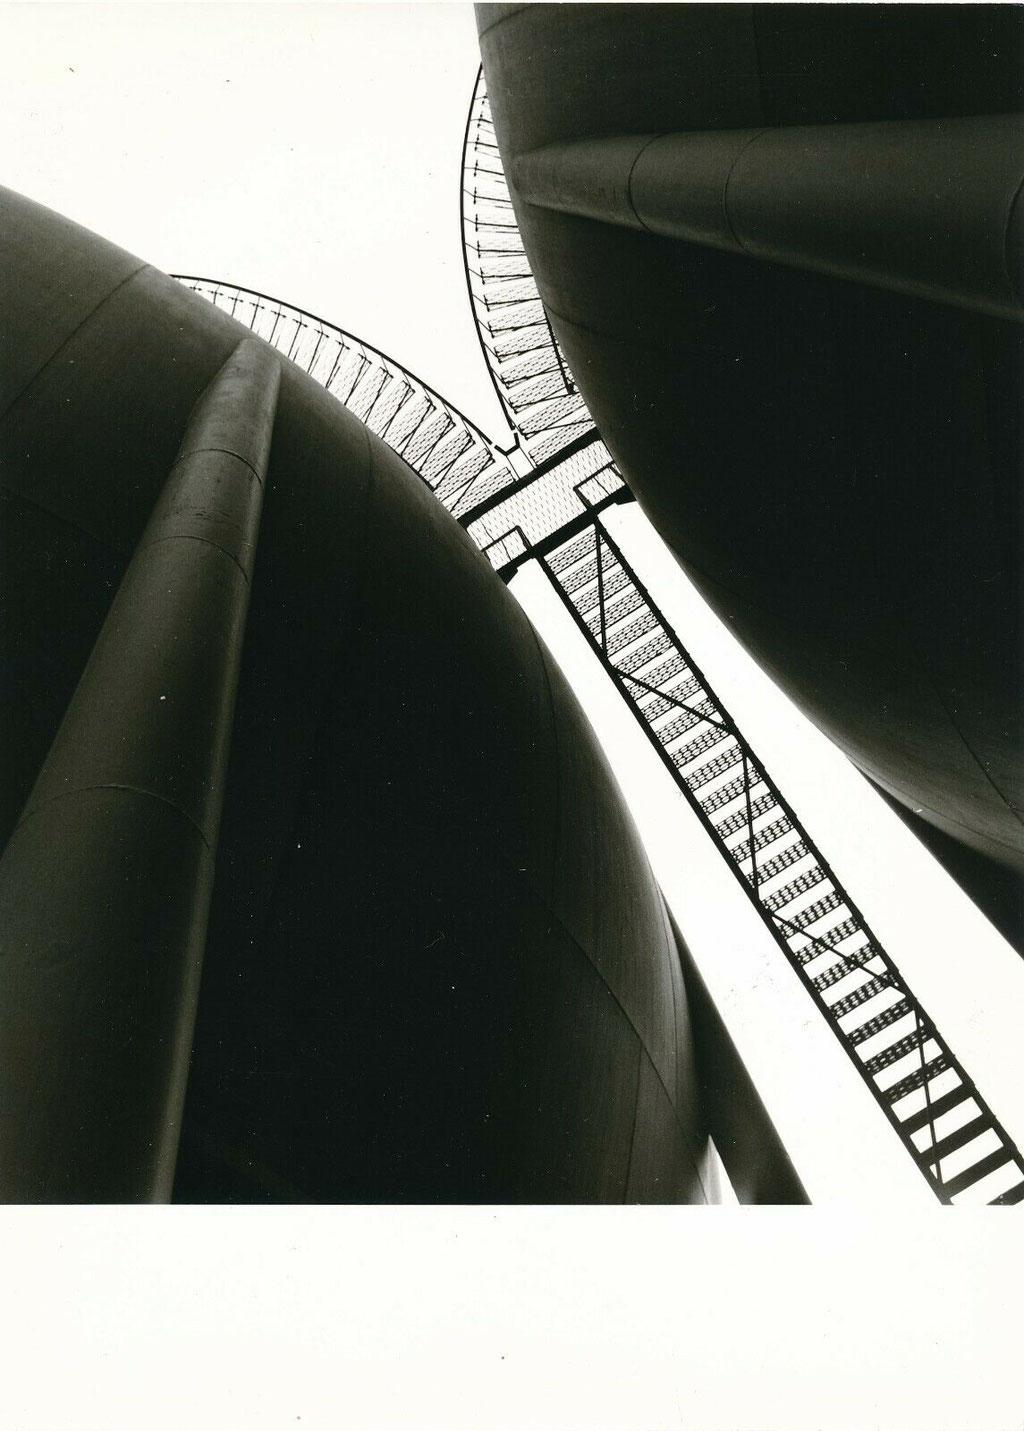 Photographie, sphères de stockage au Havre